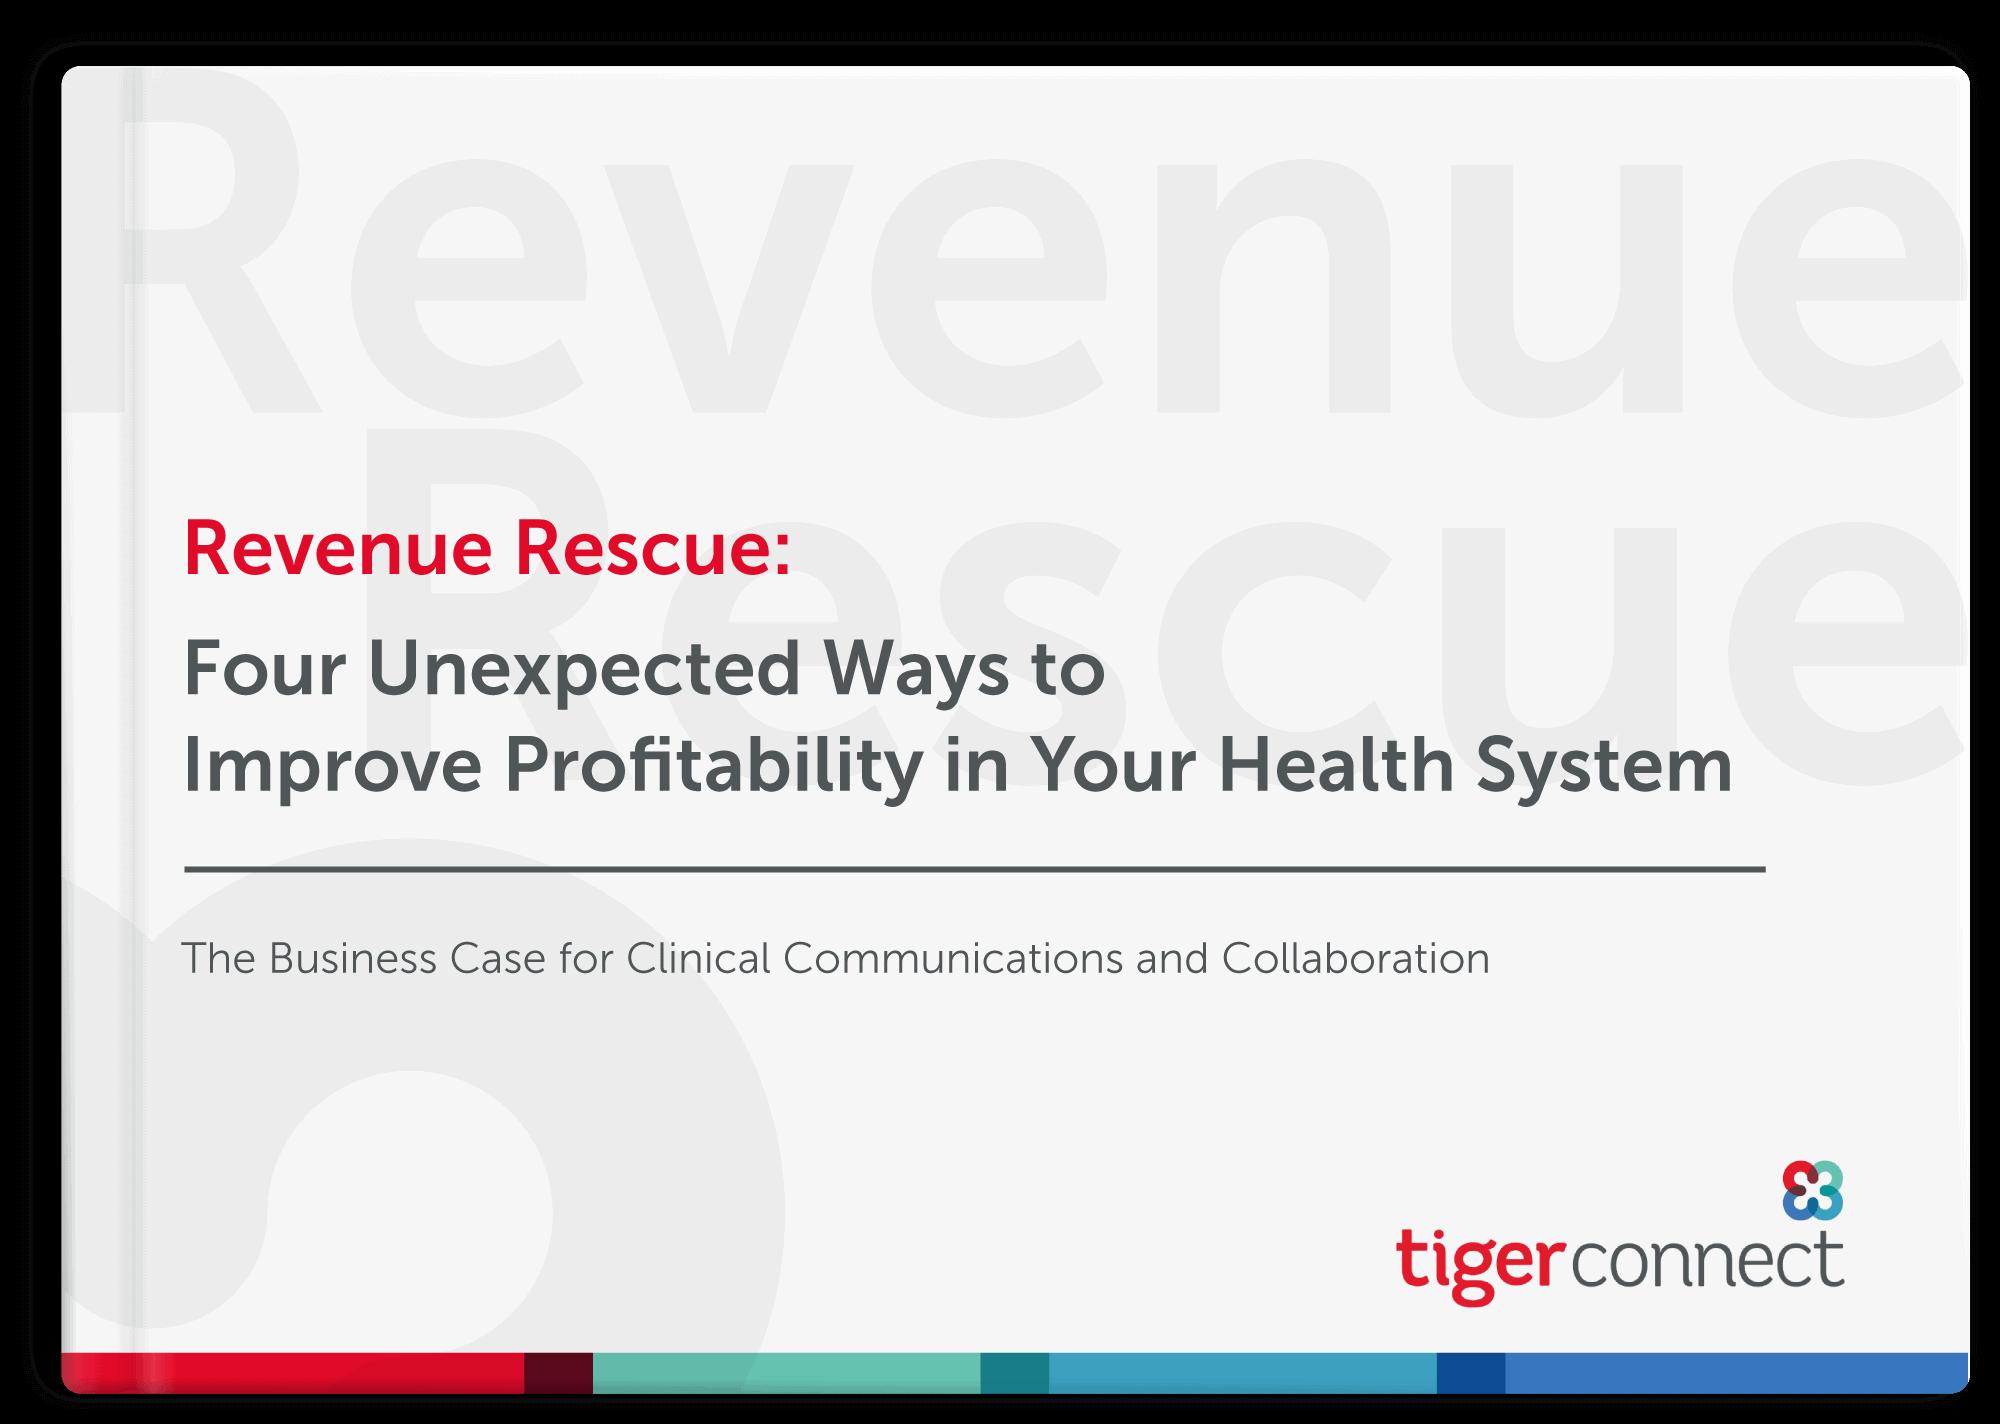 Revenue Rescue